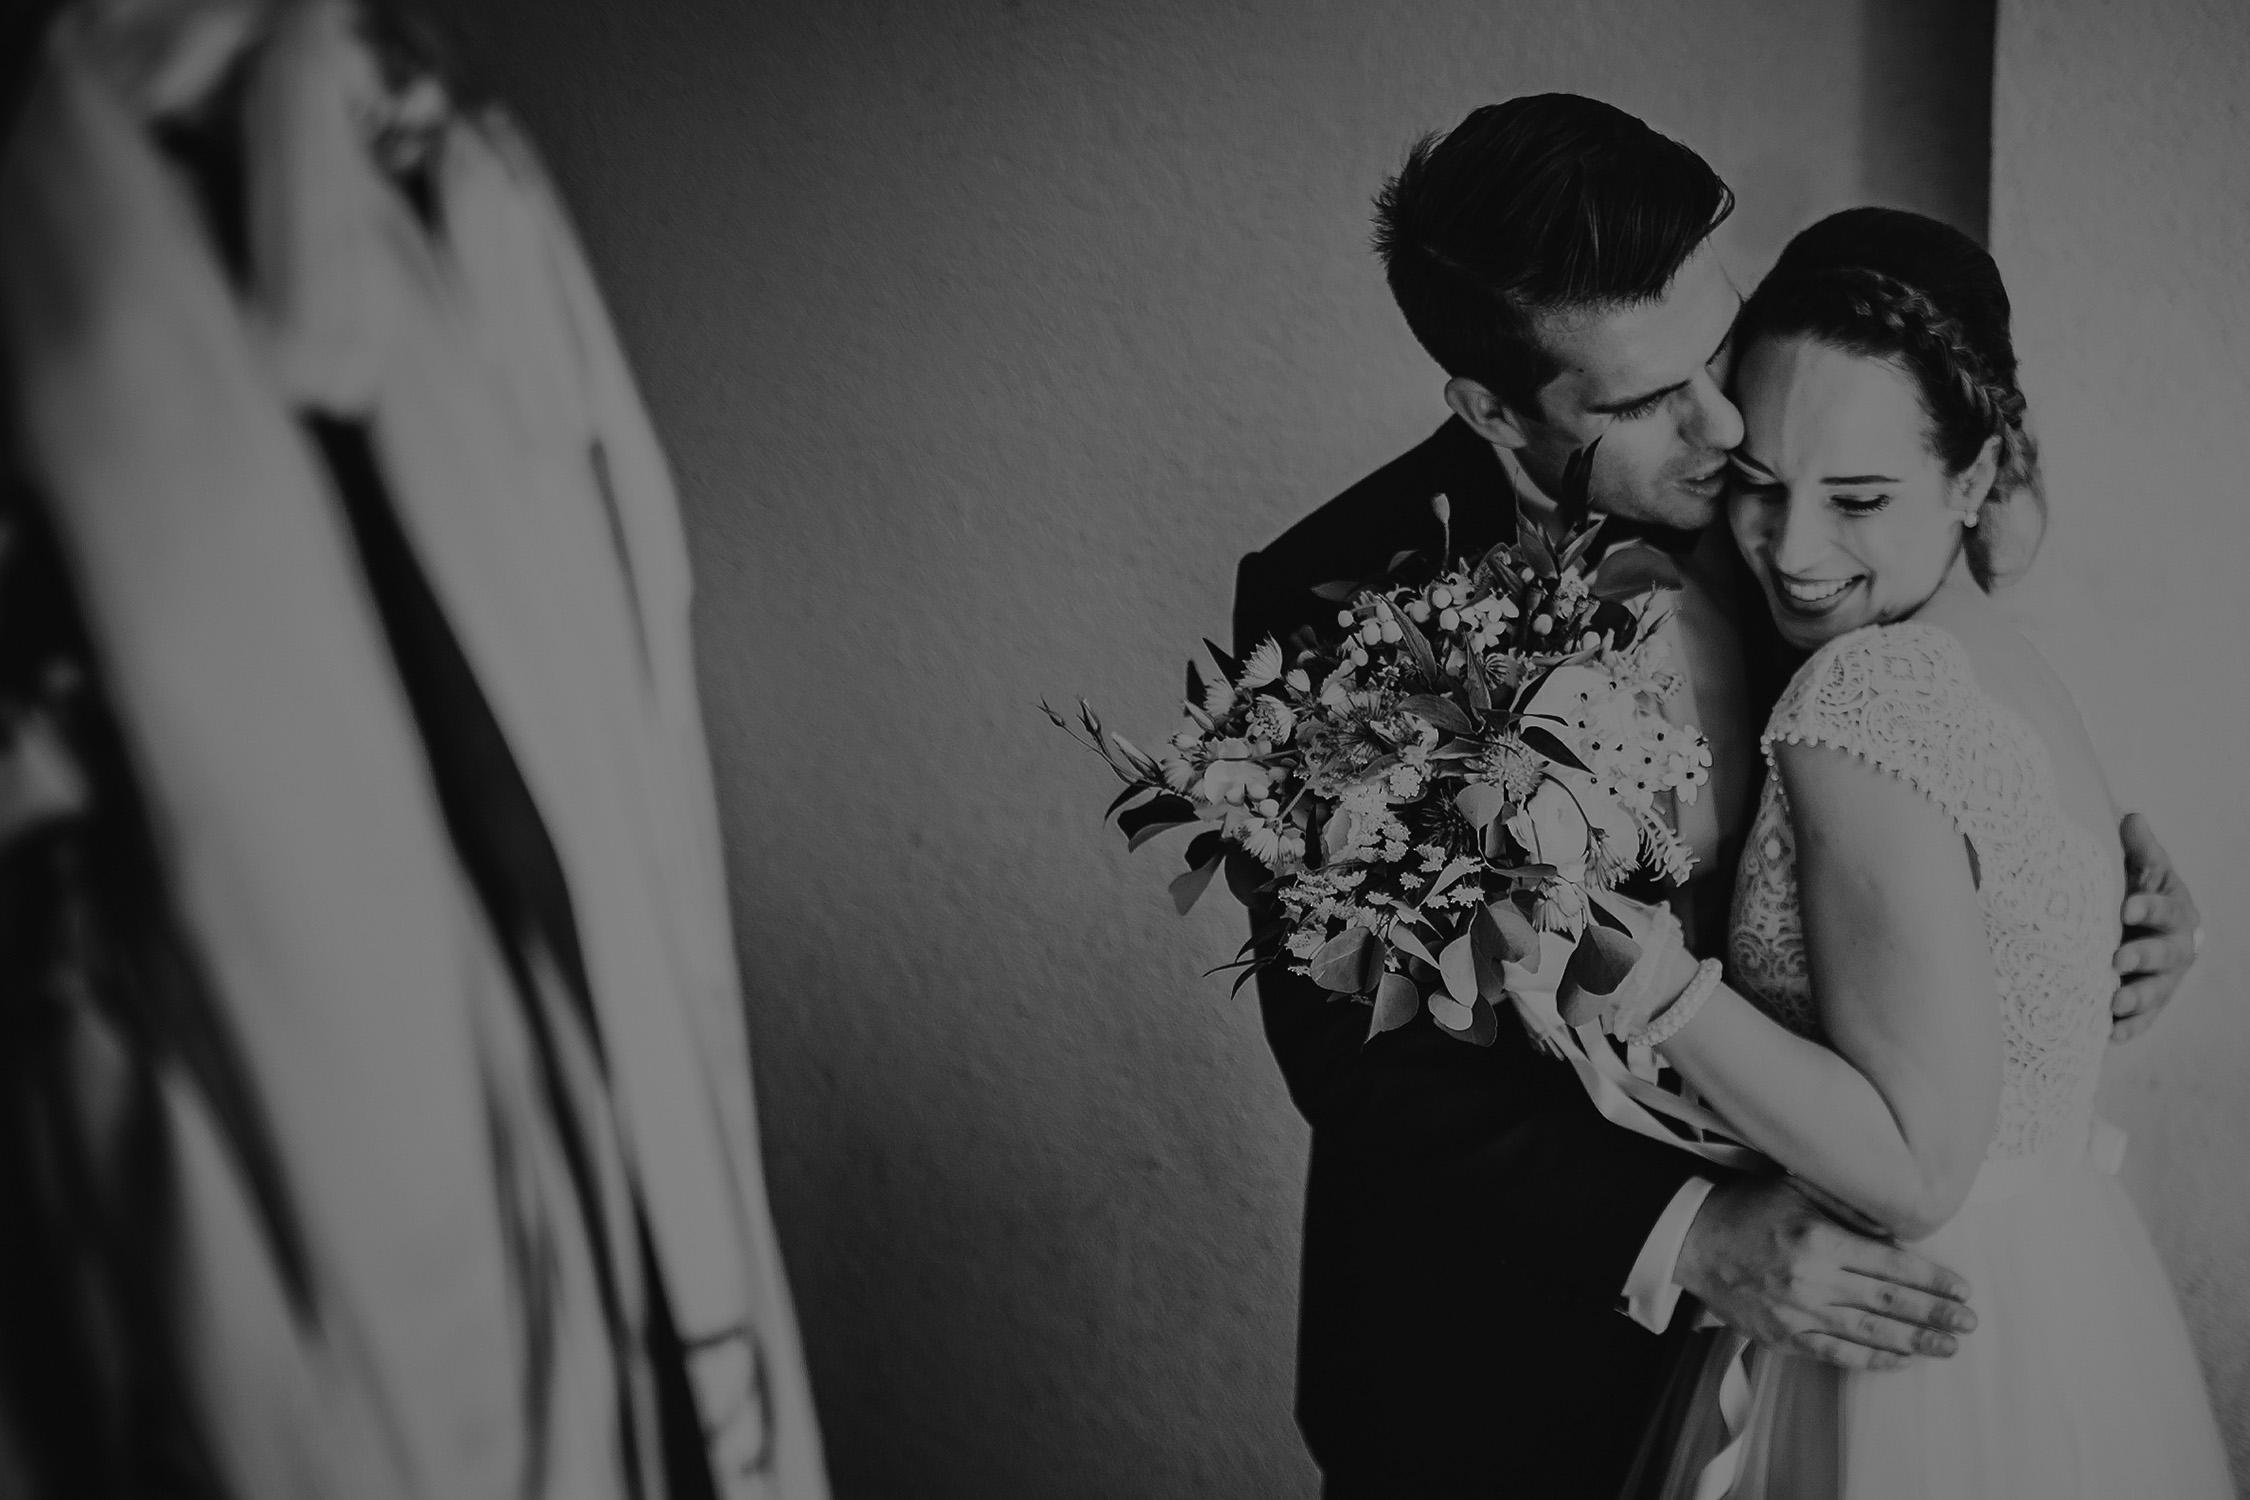 esküvői fotózás, esküvő fotózás Szeged, esküvő fotós, esküvői fotós, esküvő fotó, esküvői fotó, fotós, fotográfus, Szabados Szilveszter, szilveszter photo